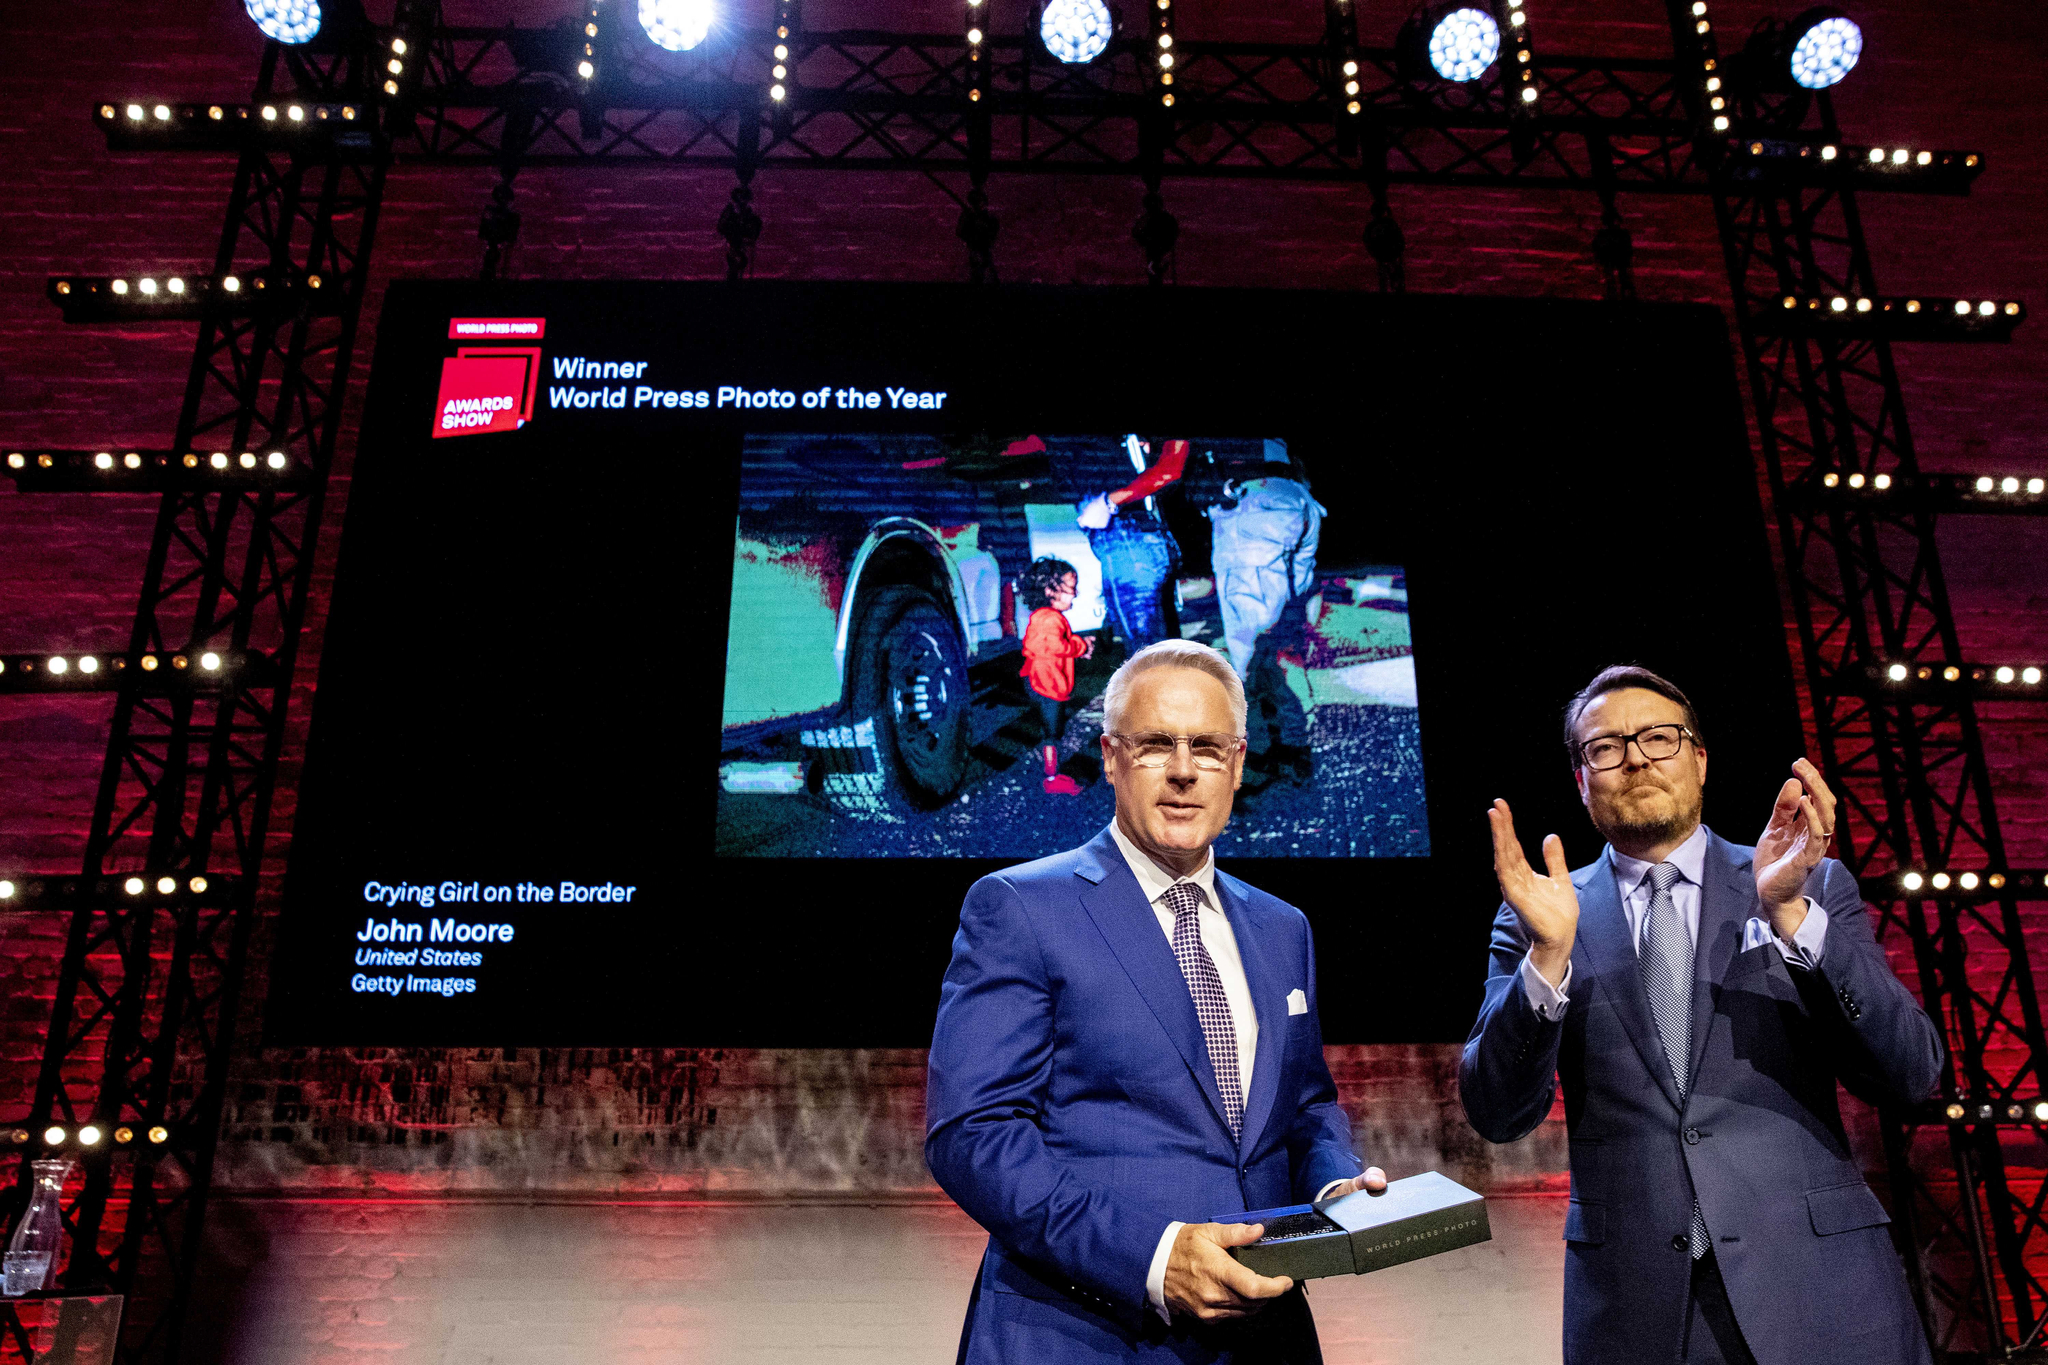 존 무어(왼쪽)가 지난 주 네덜란드 암스테르담에서 열린 월드 프레스 포토 시상식에서 콘스탄틴 네덜란드 왕자로부터 상장을 받고 있다.[EPA=연합뉴스]